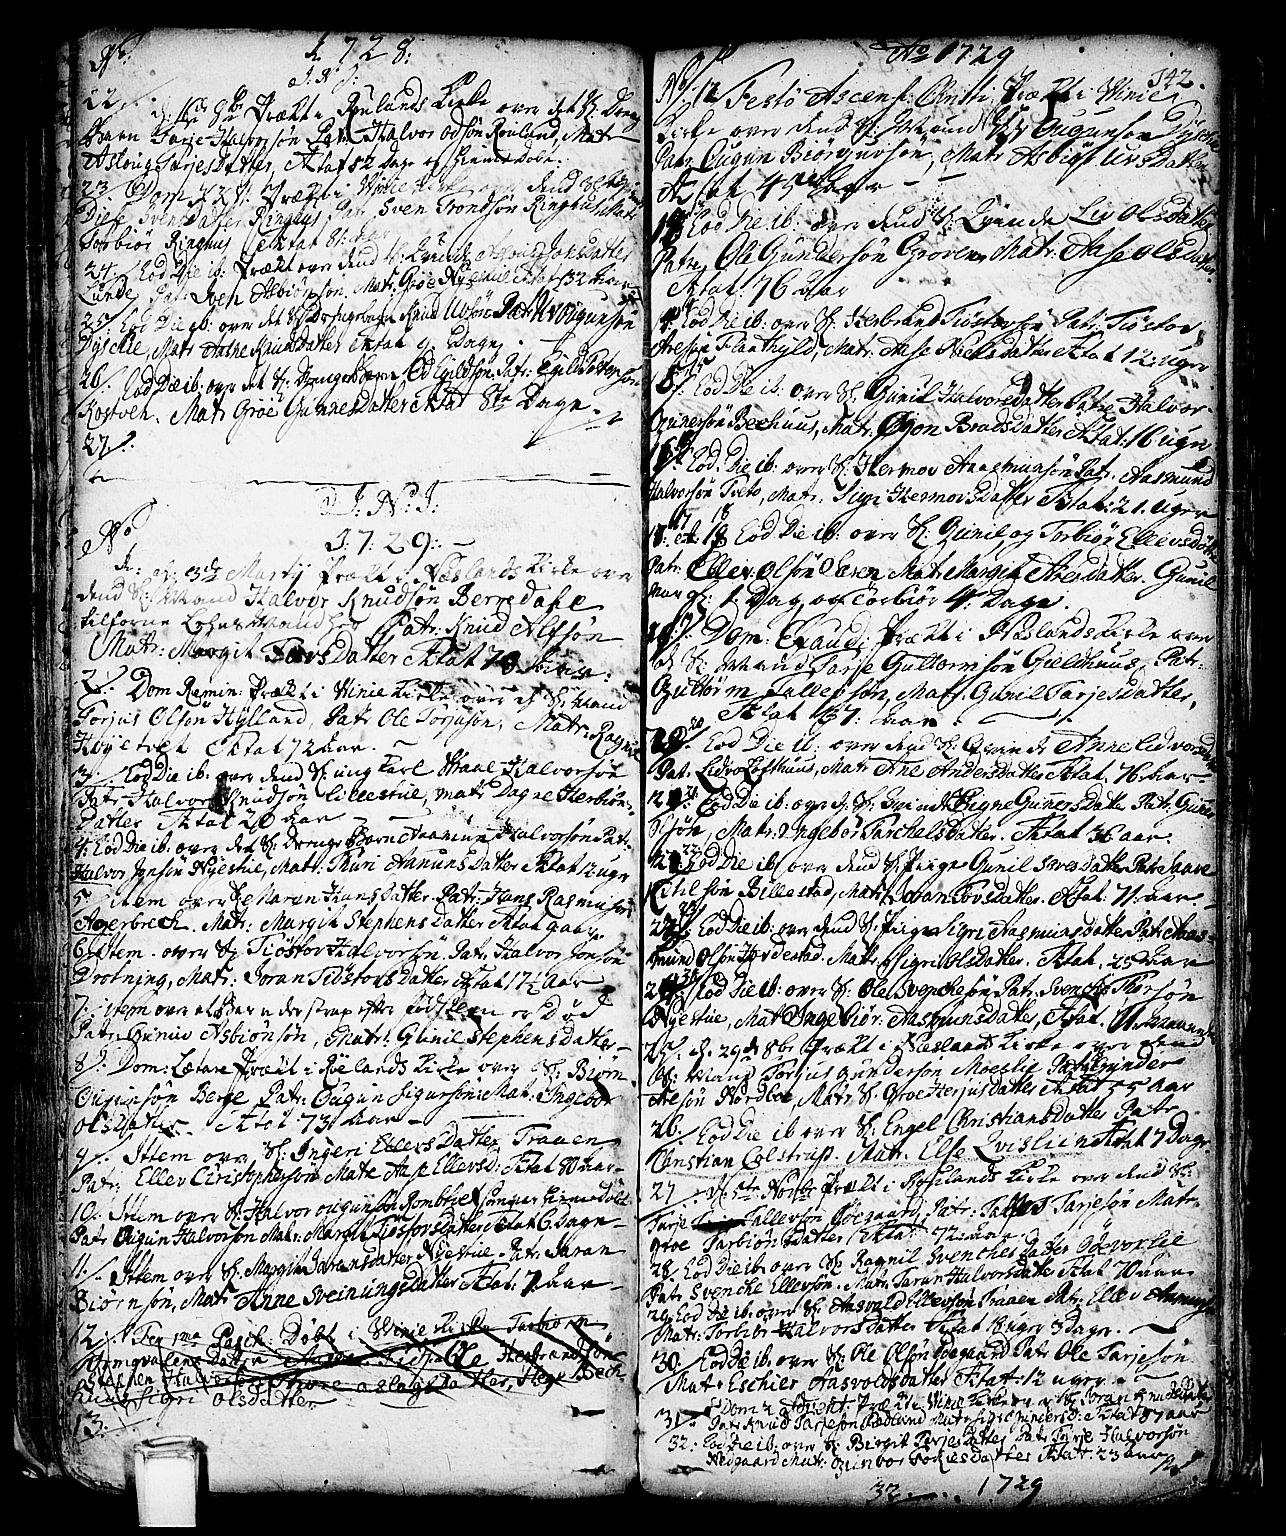 SAKO, Vinje kirkebøker, F/Fa/L0001: Ministerialbok nr. I 1, 1717-1766, s. 142